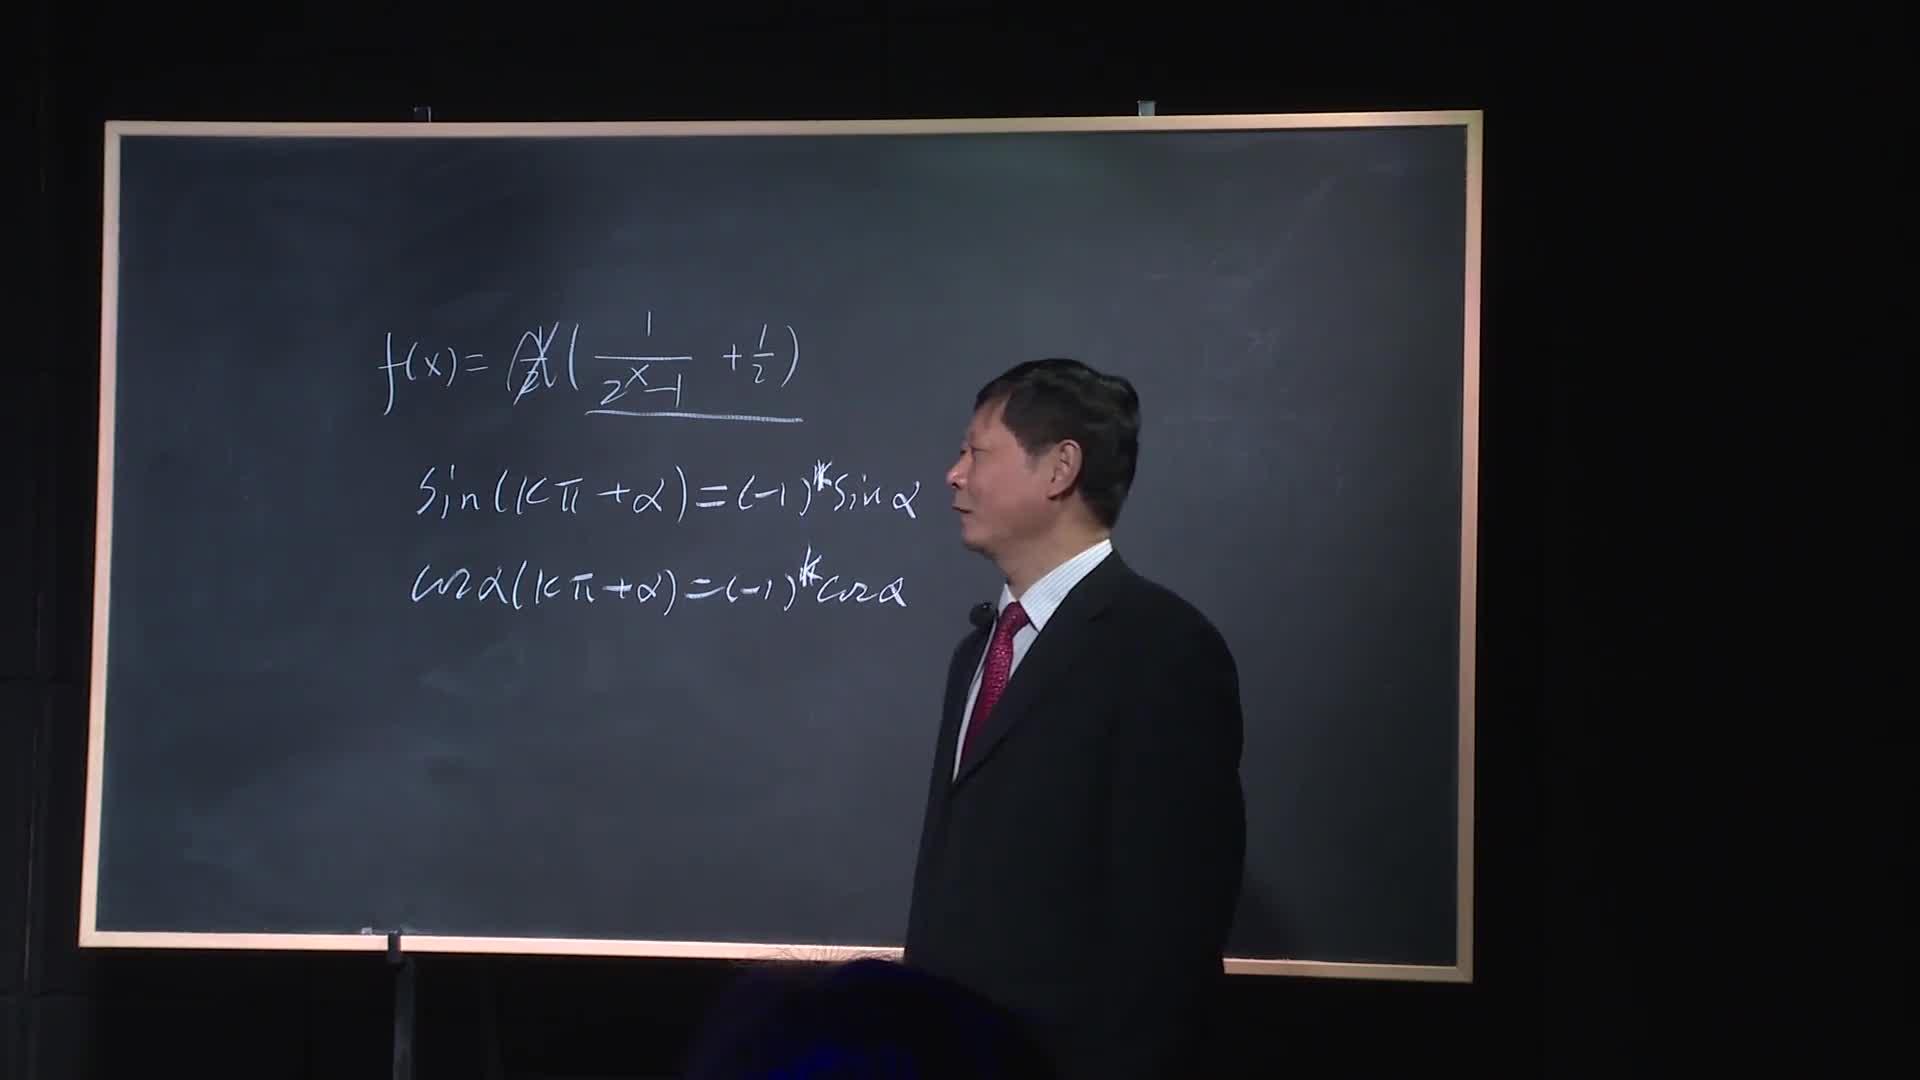 浅谈数学概念课教学(下)反复磨 不断改 5 反复磨 不断改-视频微课堂